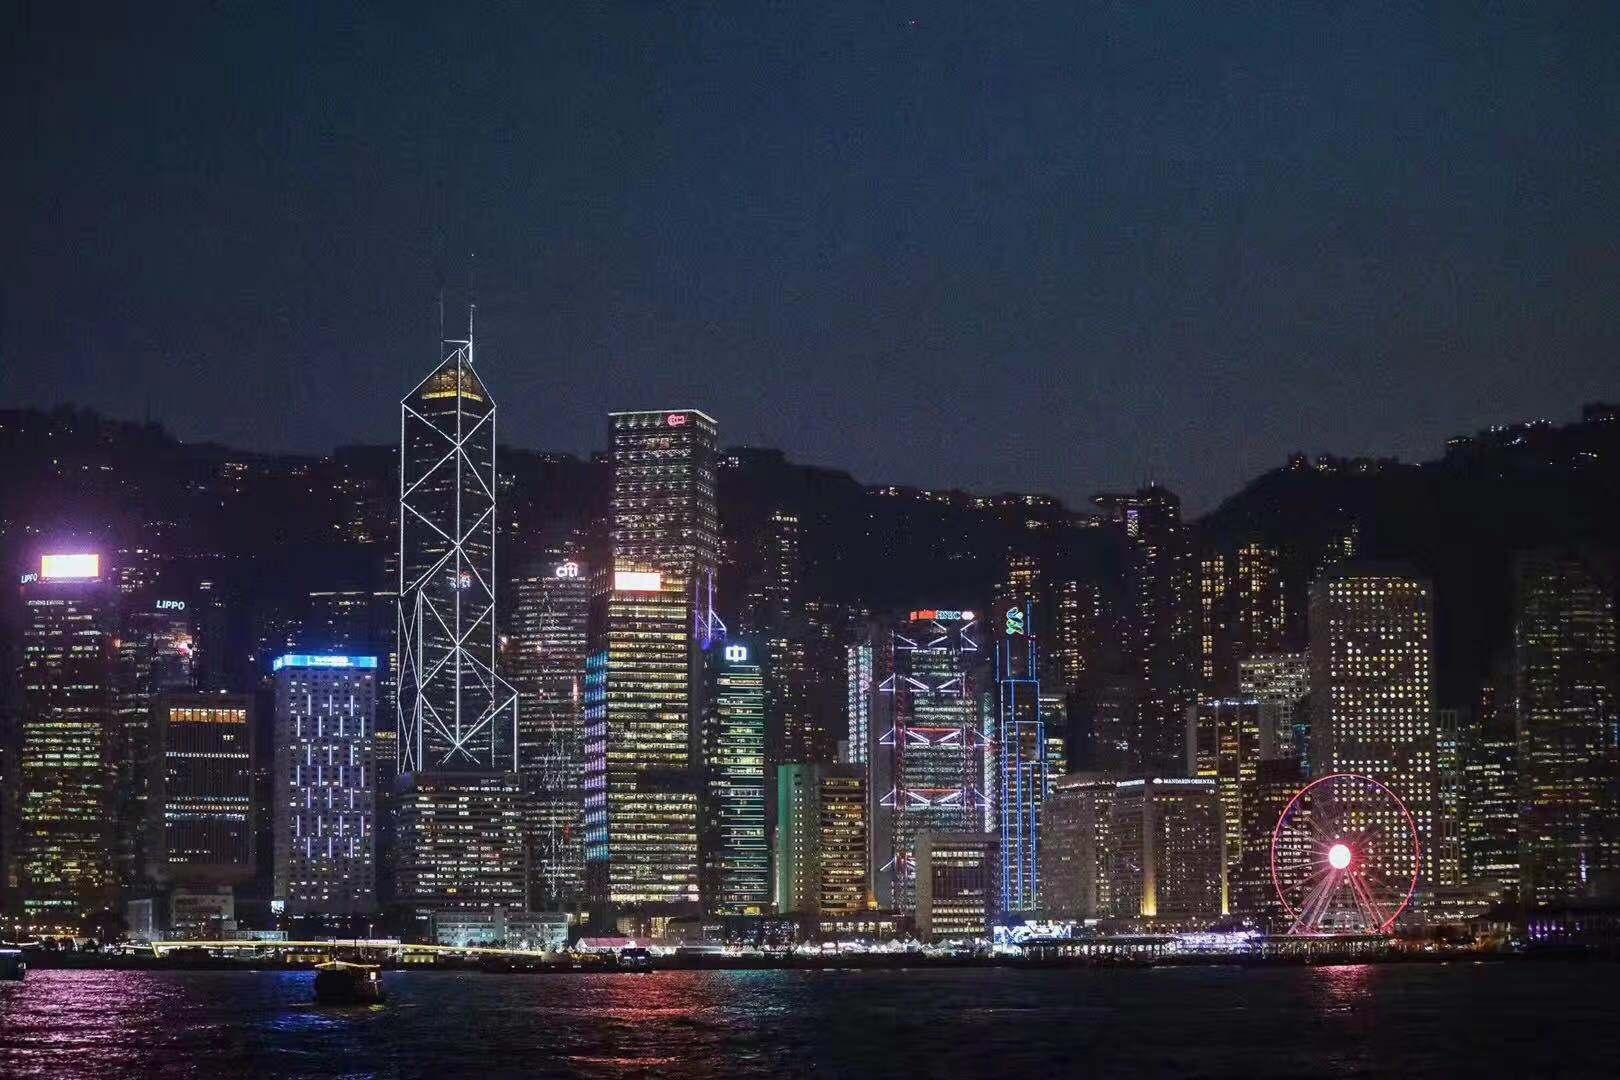 【周游香港】完美的十一港旅,哄女友开心圣地